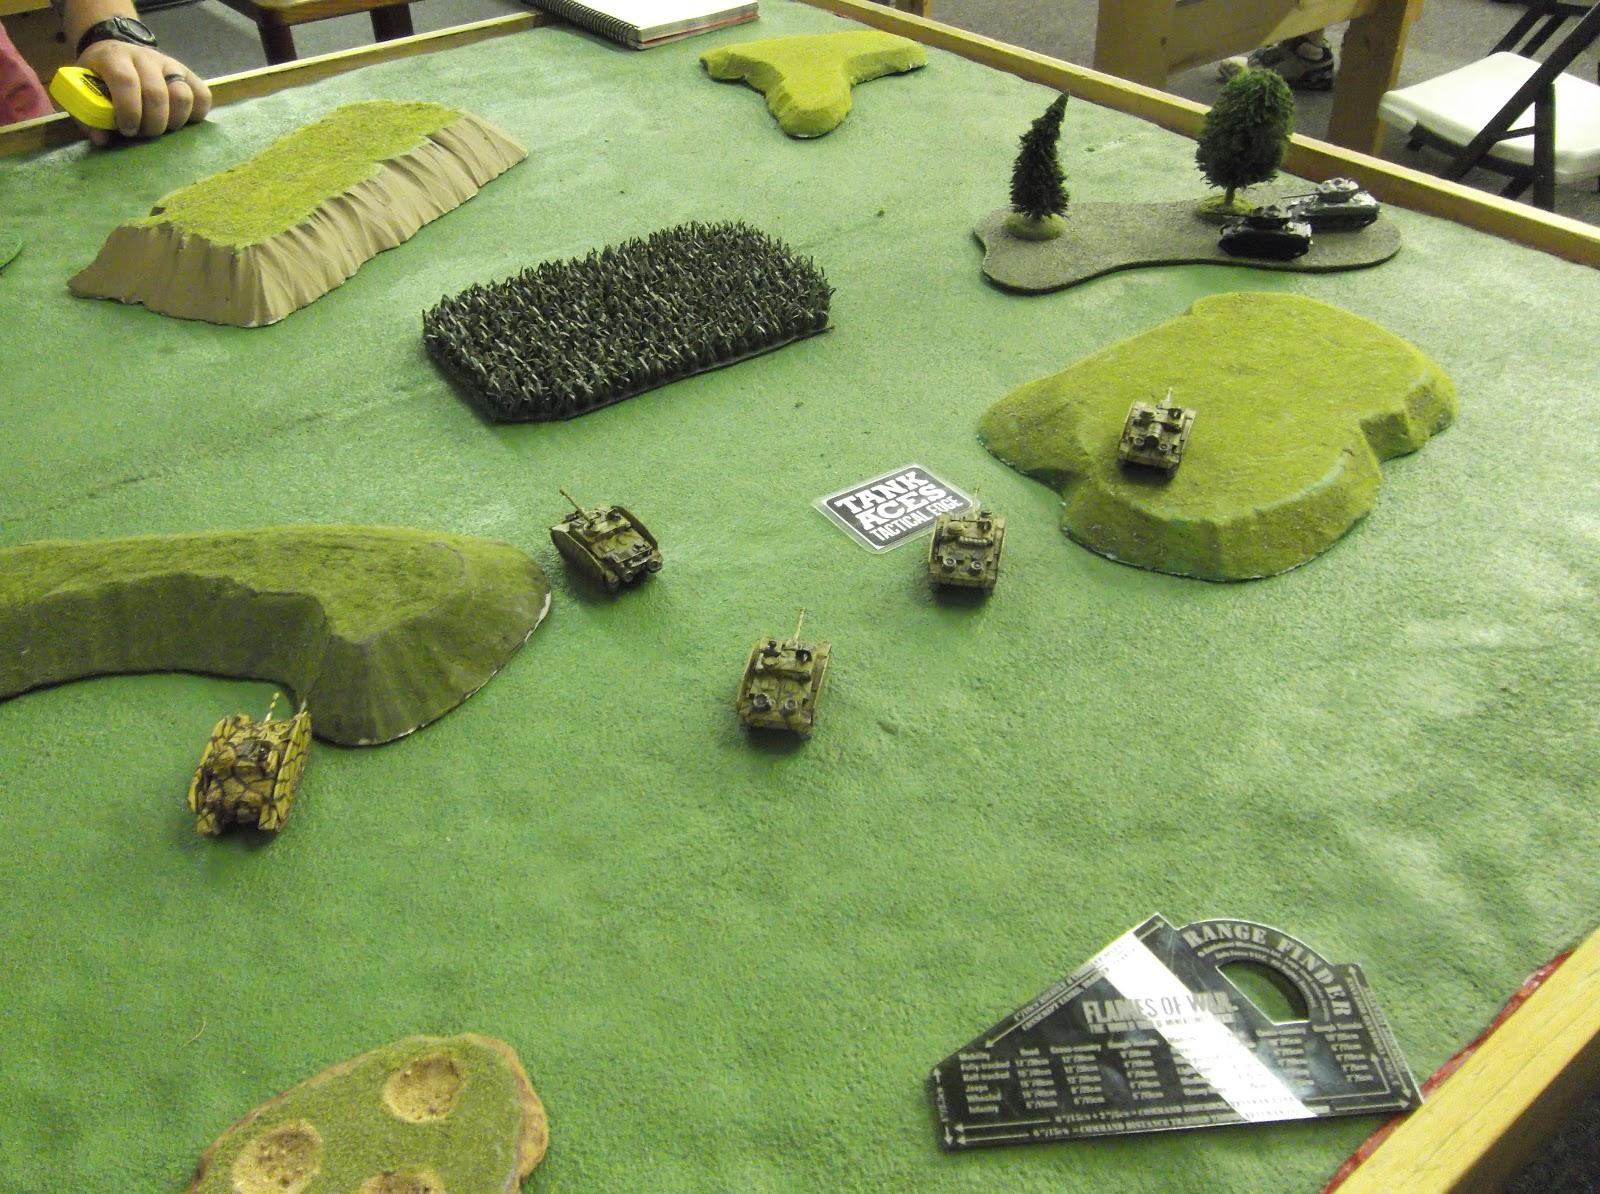 Tank trouble deathmatch 3680 183 1792